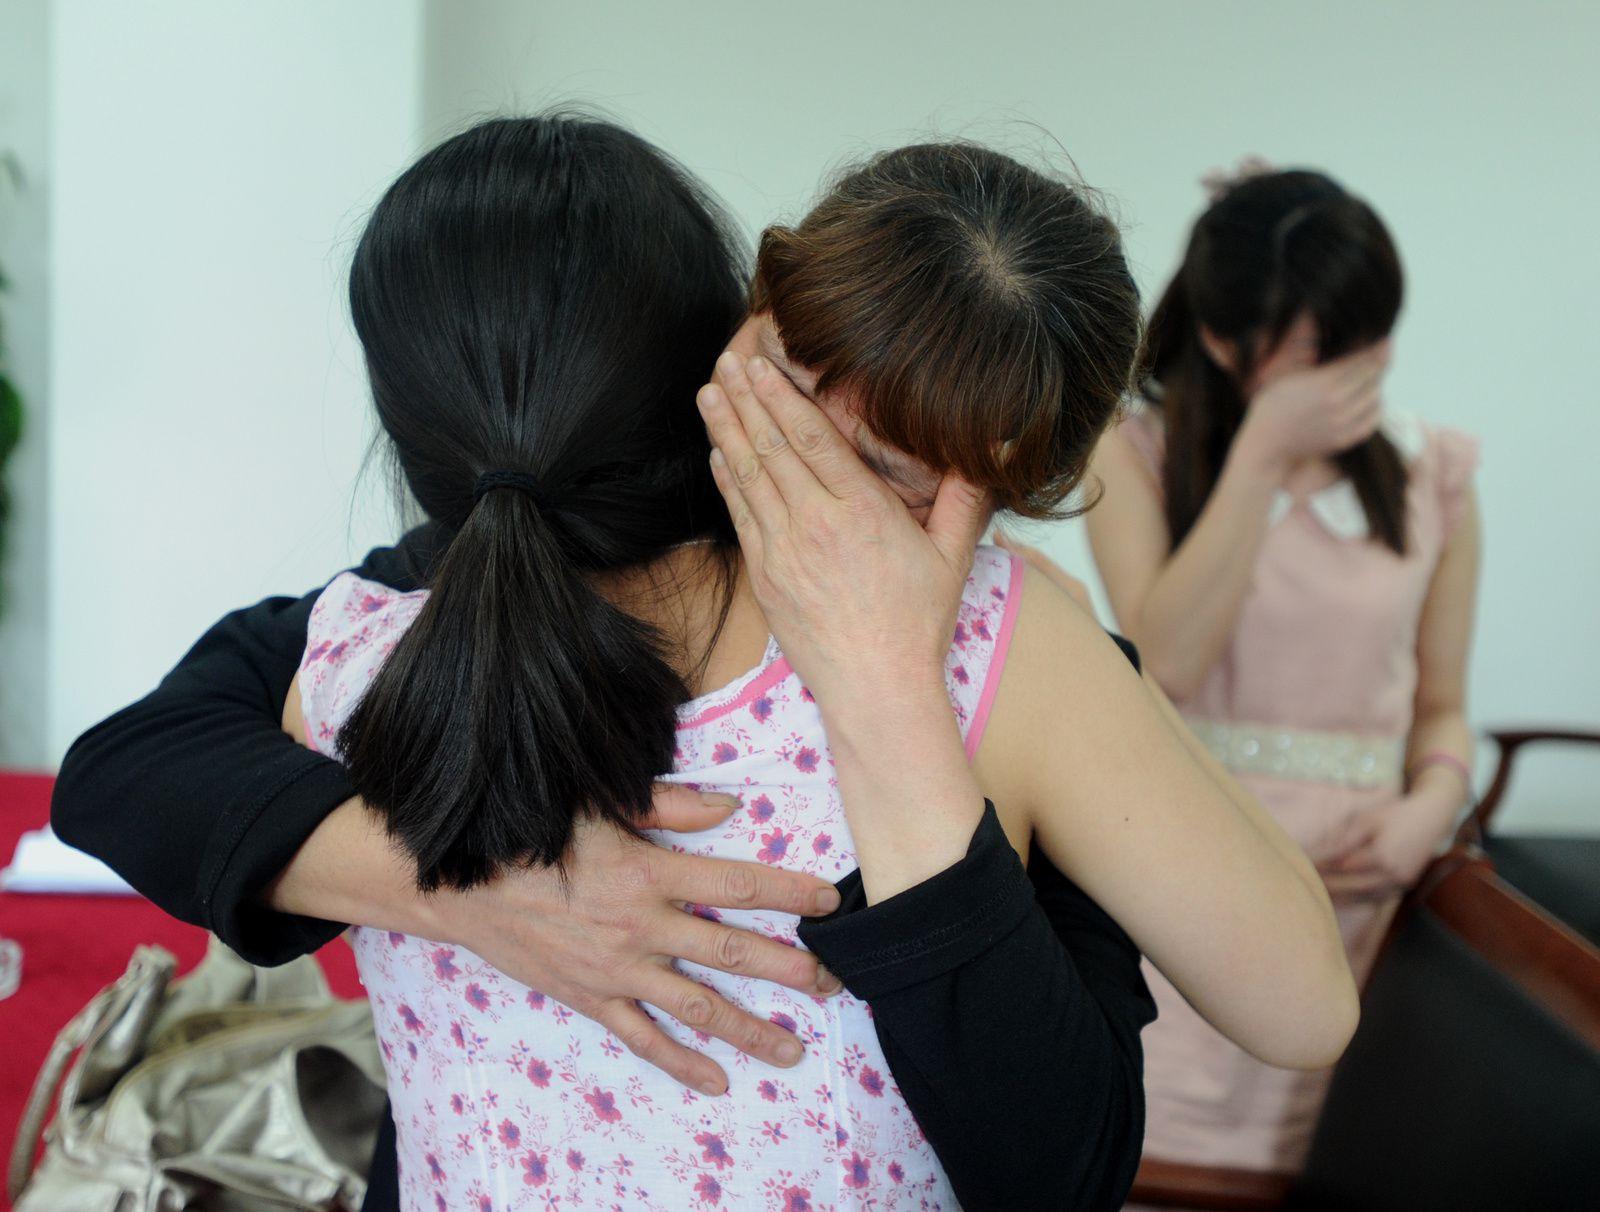 L'auteure dans les bras d'une mère. À l'arrière plan, son autre fille.